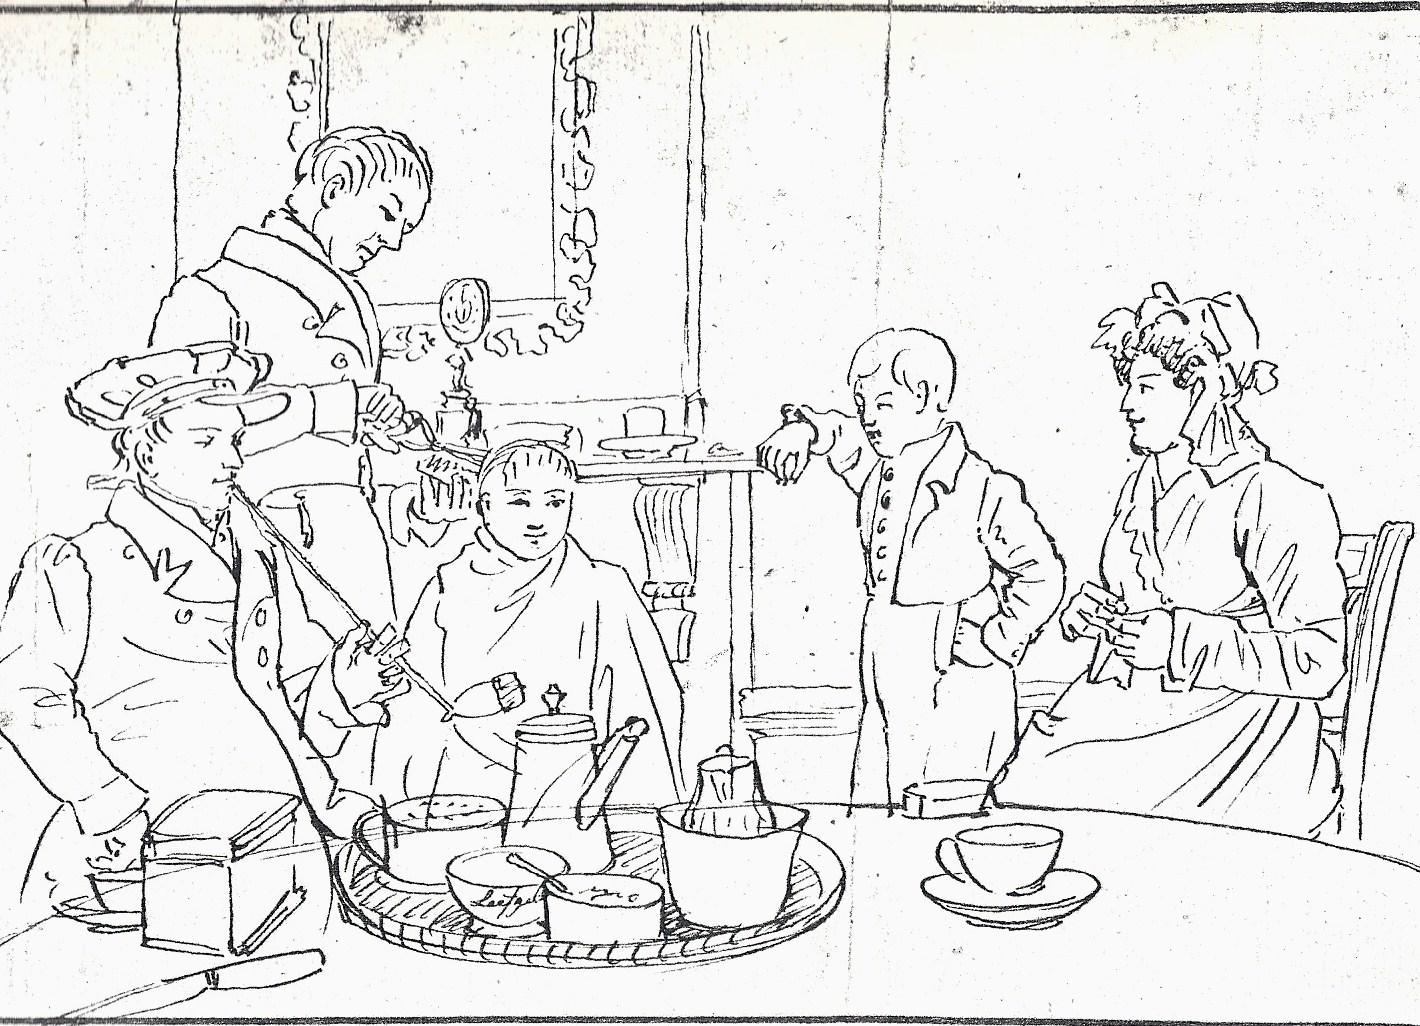 Tekening van de familie Van Pellecom - Wuijster. Abraham is in 1822 weduwnaar geworden en hertrouwt in 1825 Eisabeth Wuijster. Volgens de overlevering wordt zoon Mau (Marius Catharinus,1819) geknipt De tekening is dan van 1825/1826.